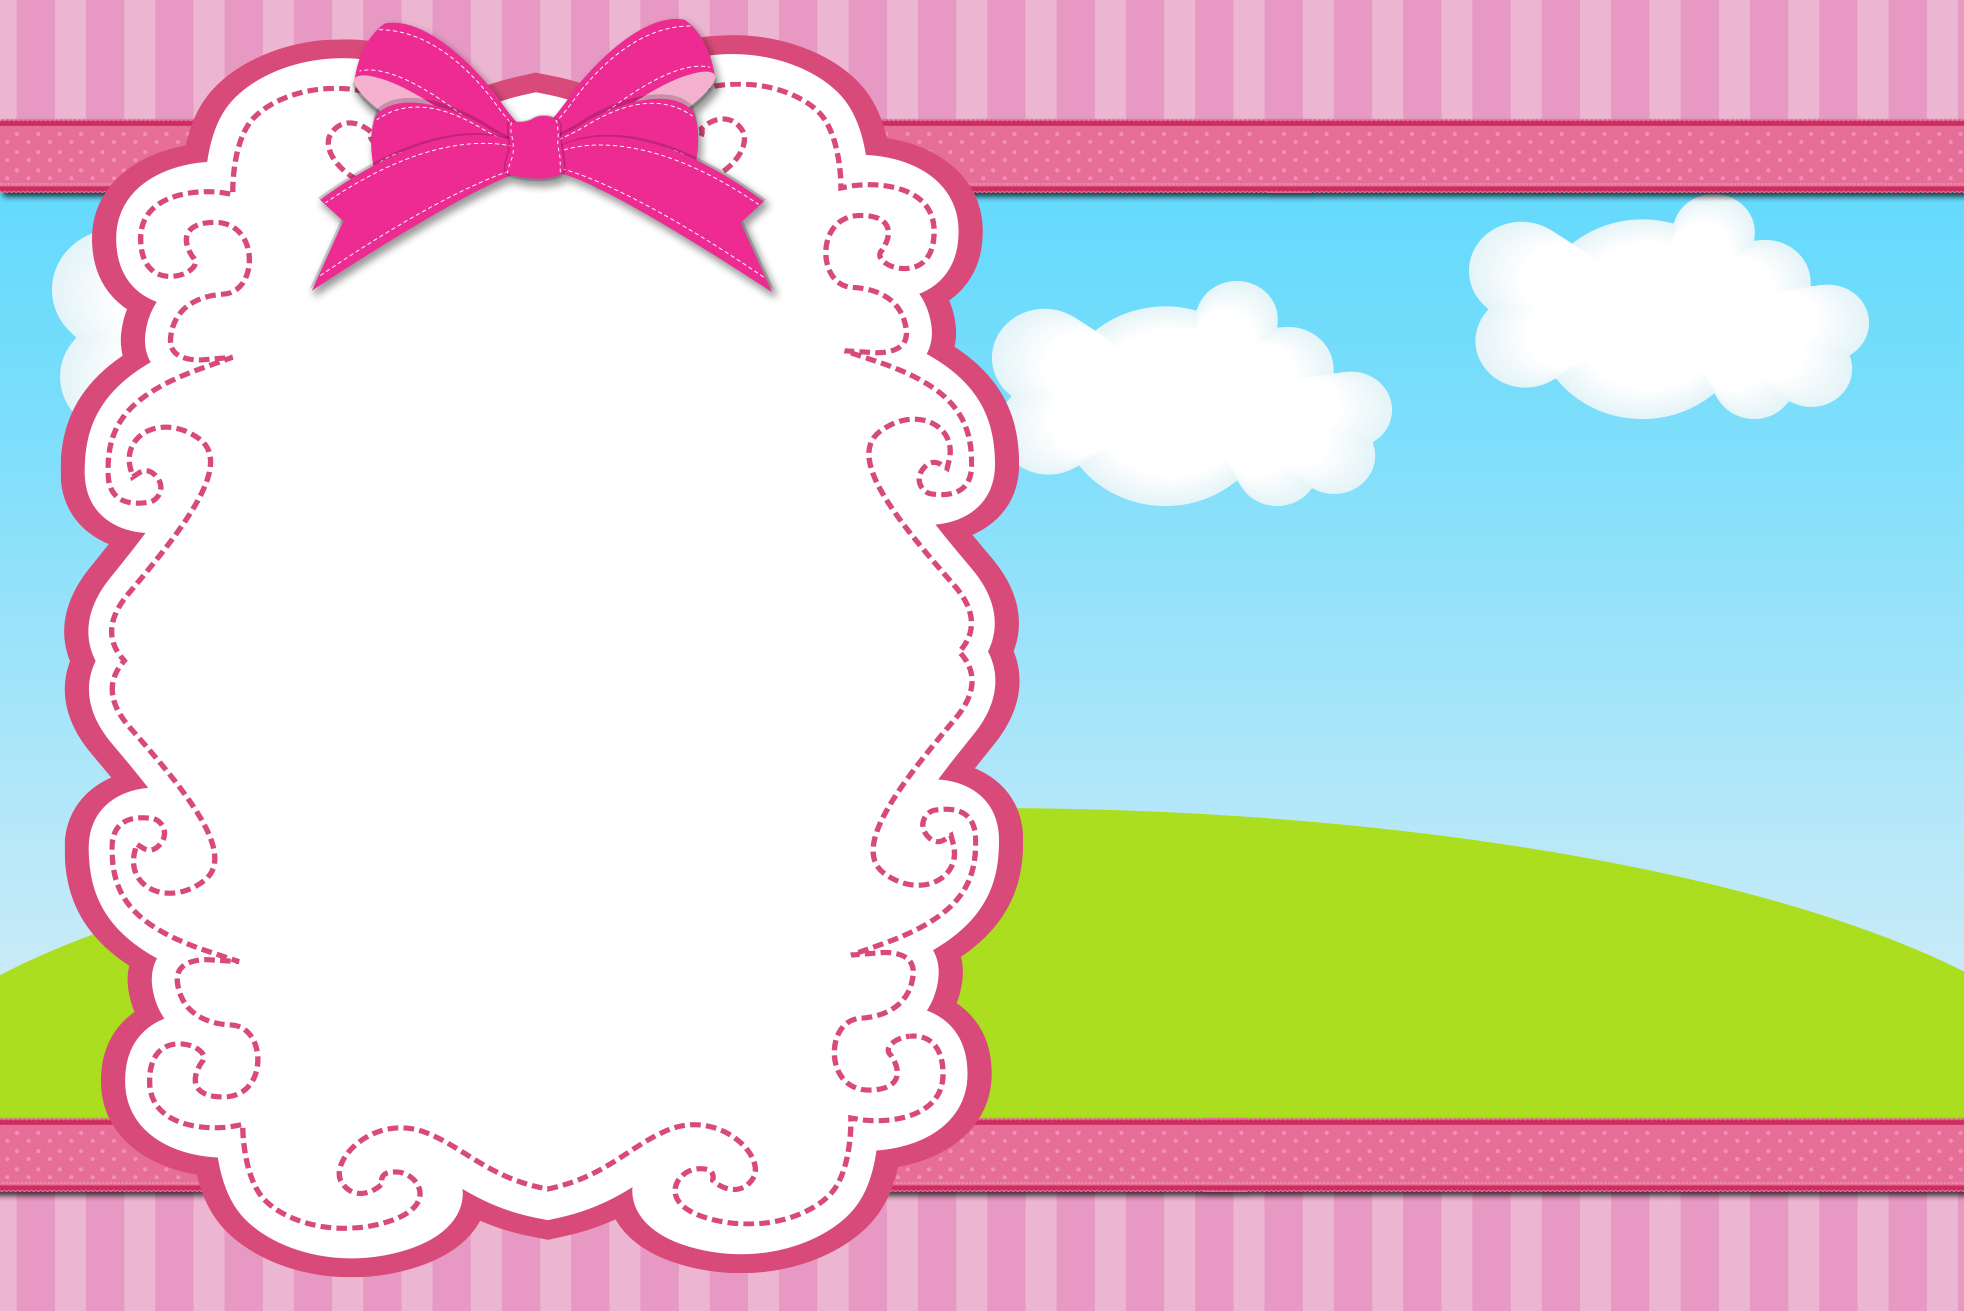 Moldura Convite e Cartão Céu, Grama, Nuvens e Fundo Listrado Rosa: